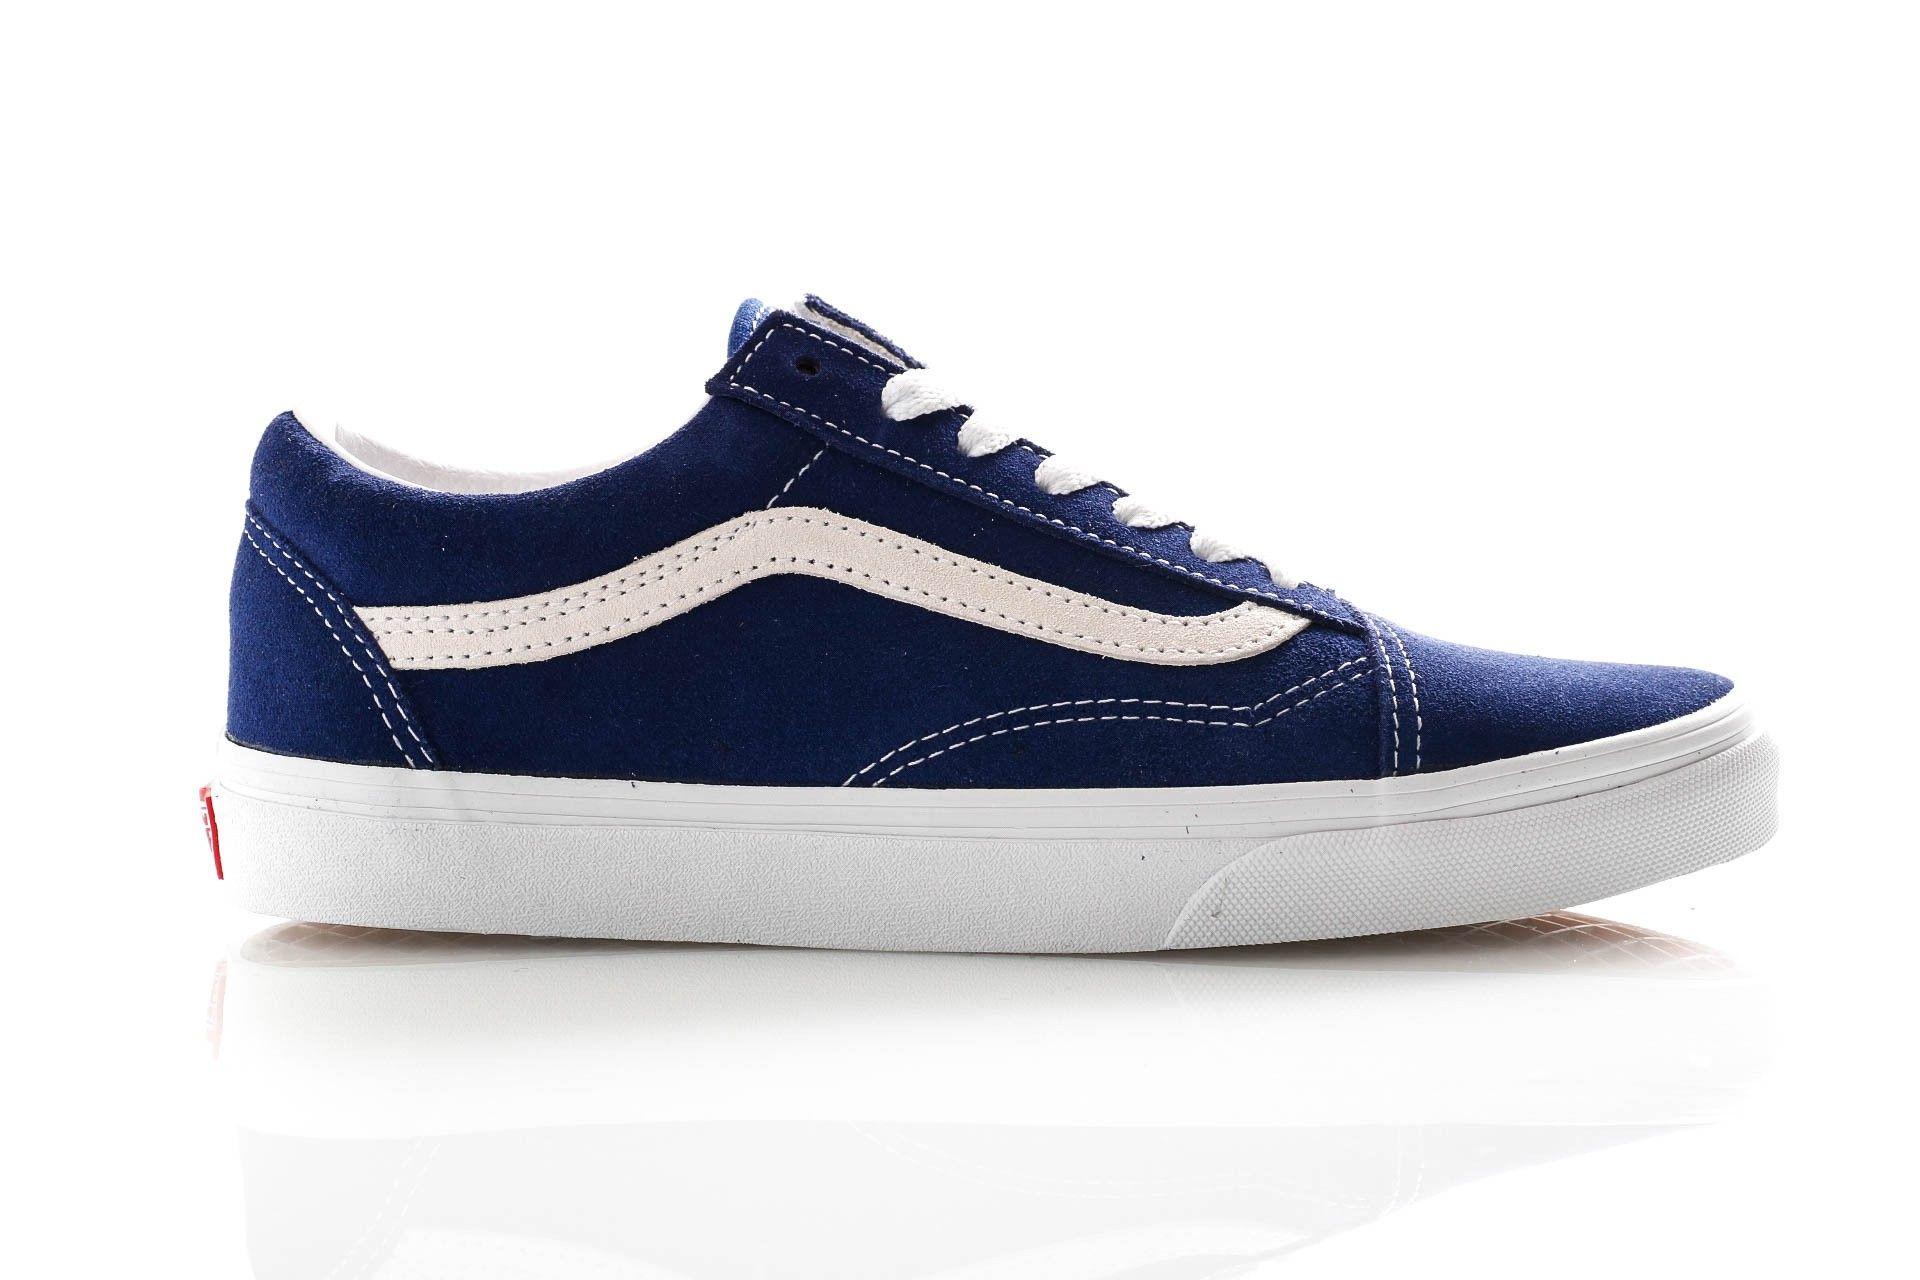 Afbeelding van Vans Sneakers Ua Old Skool (Suede) Blueprint VN0A4U3BXF71